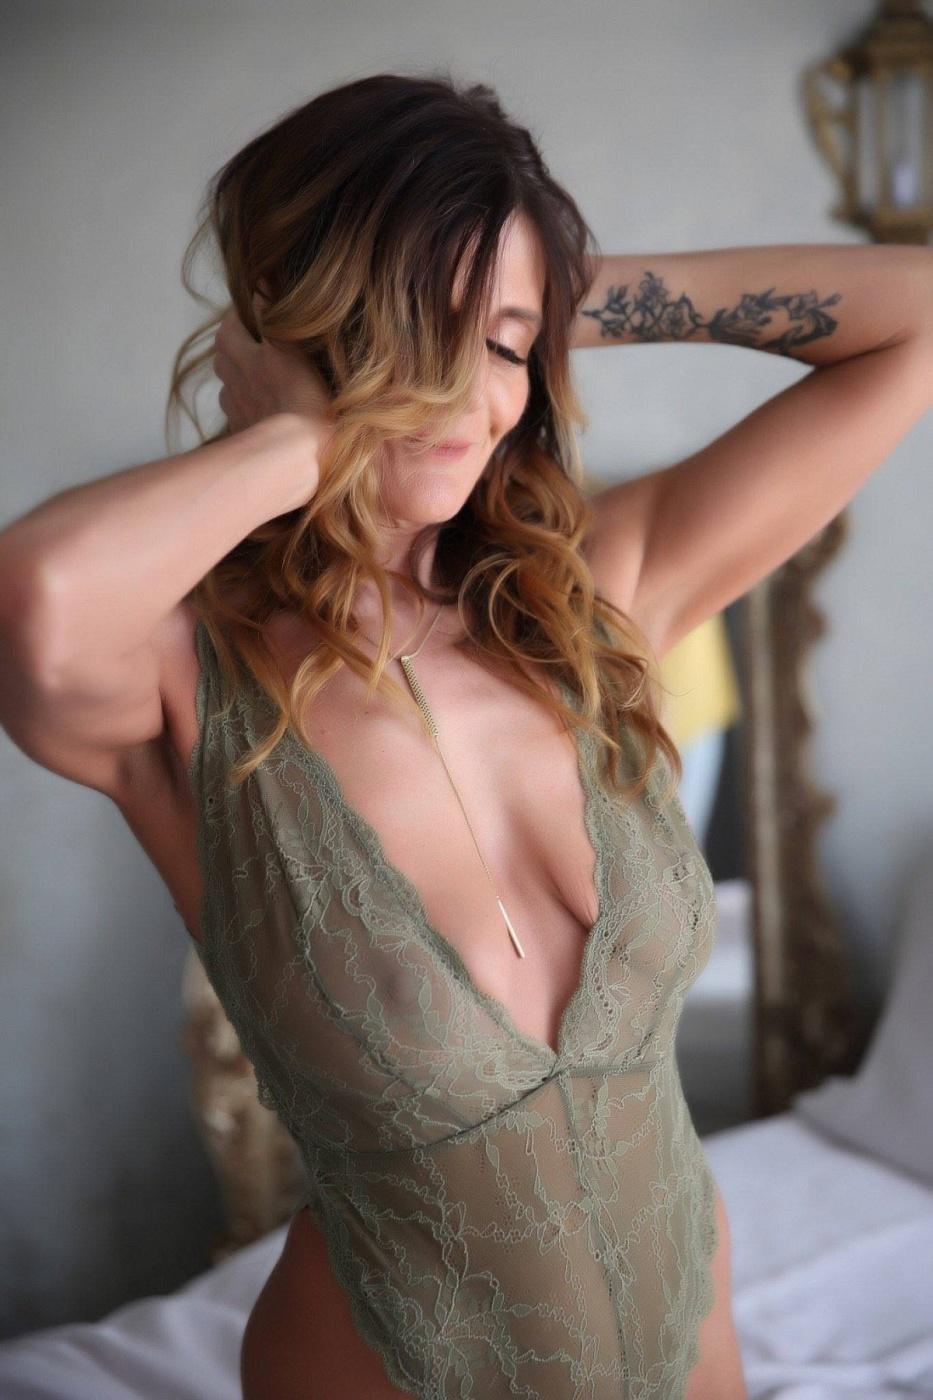 DanielleDelora